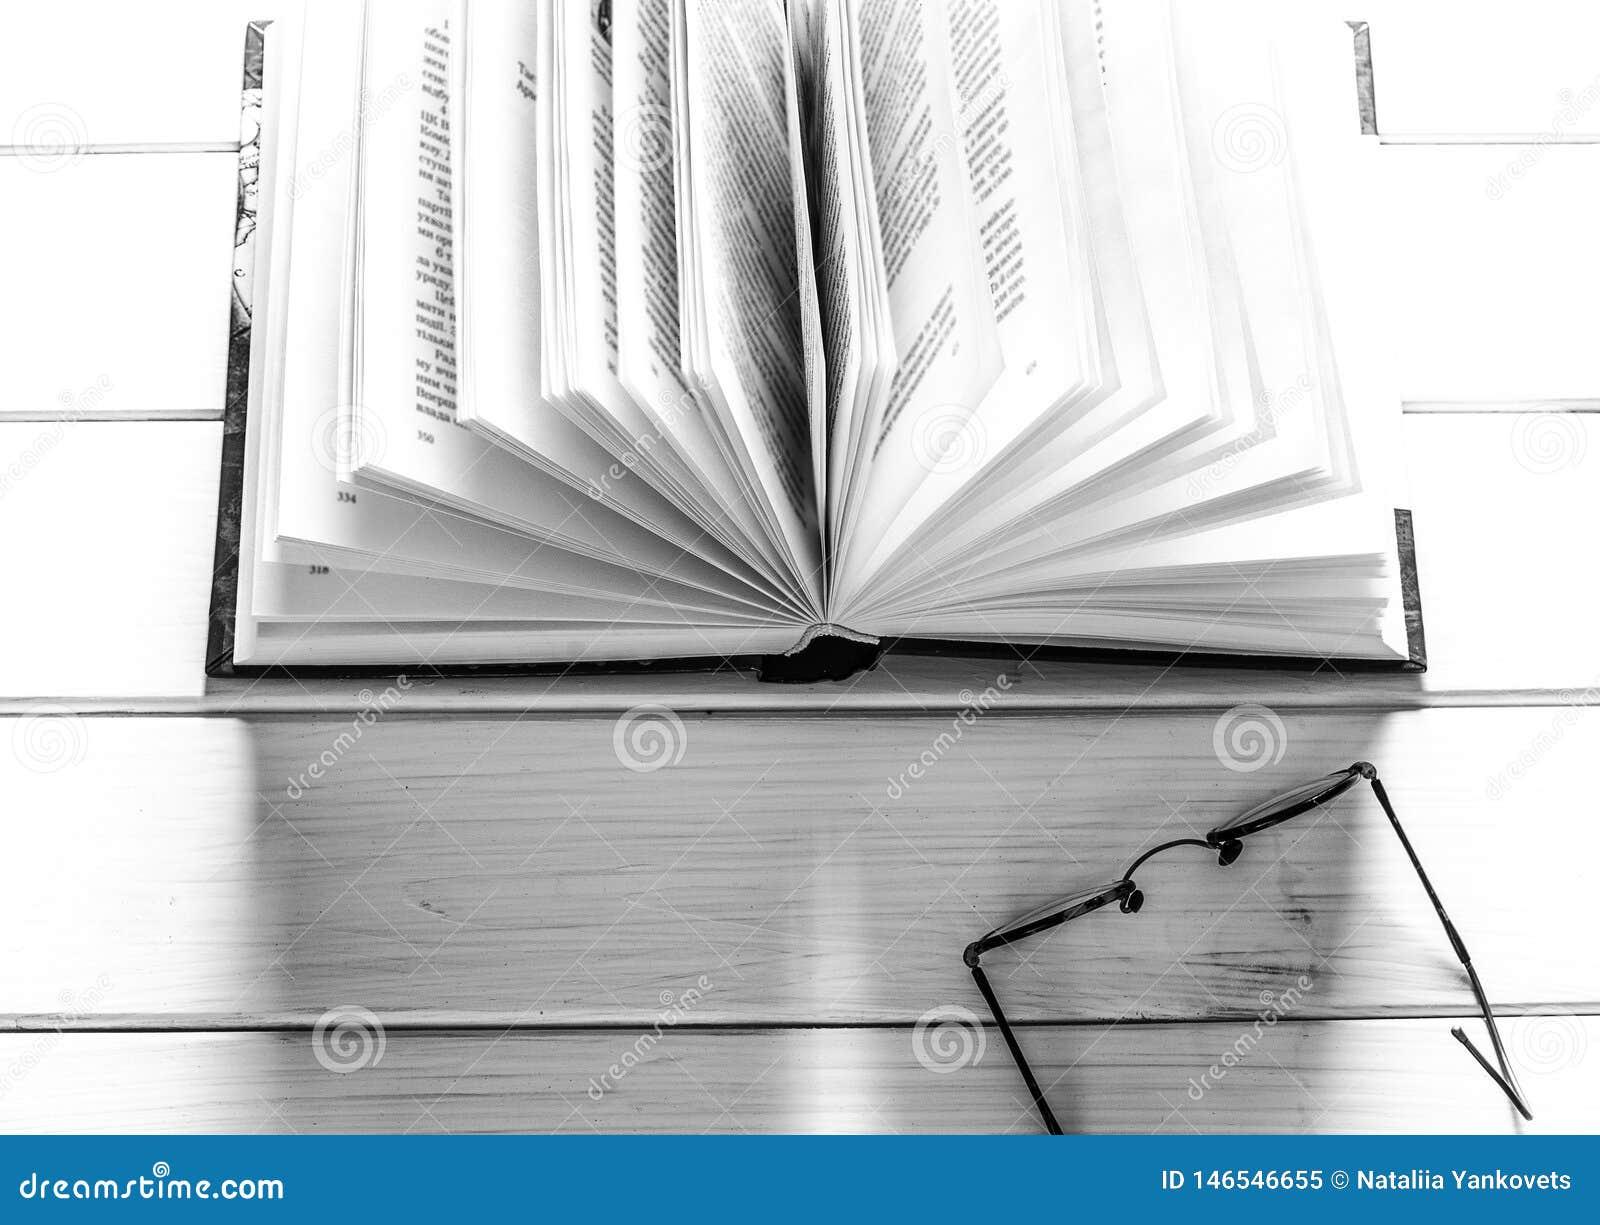 Ανοικτό βιβλίο έτοιμο να διαβάσει τα ψέματα σε έναν άσπρο ξύλινο πίνακα δίπλα στα παλαιά στρογγυλά γυαλιά